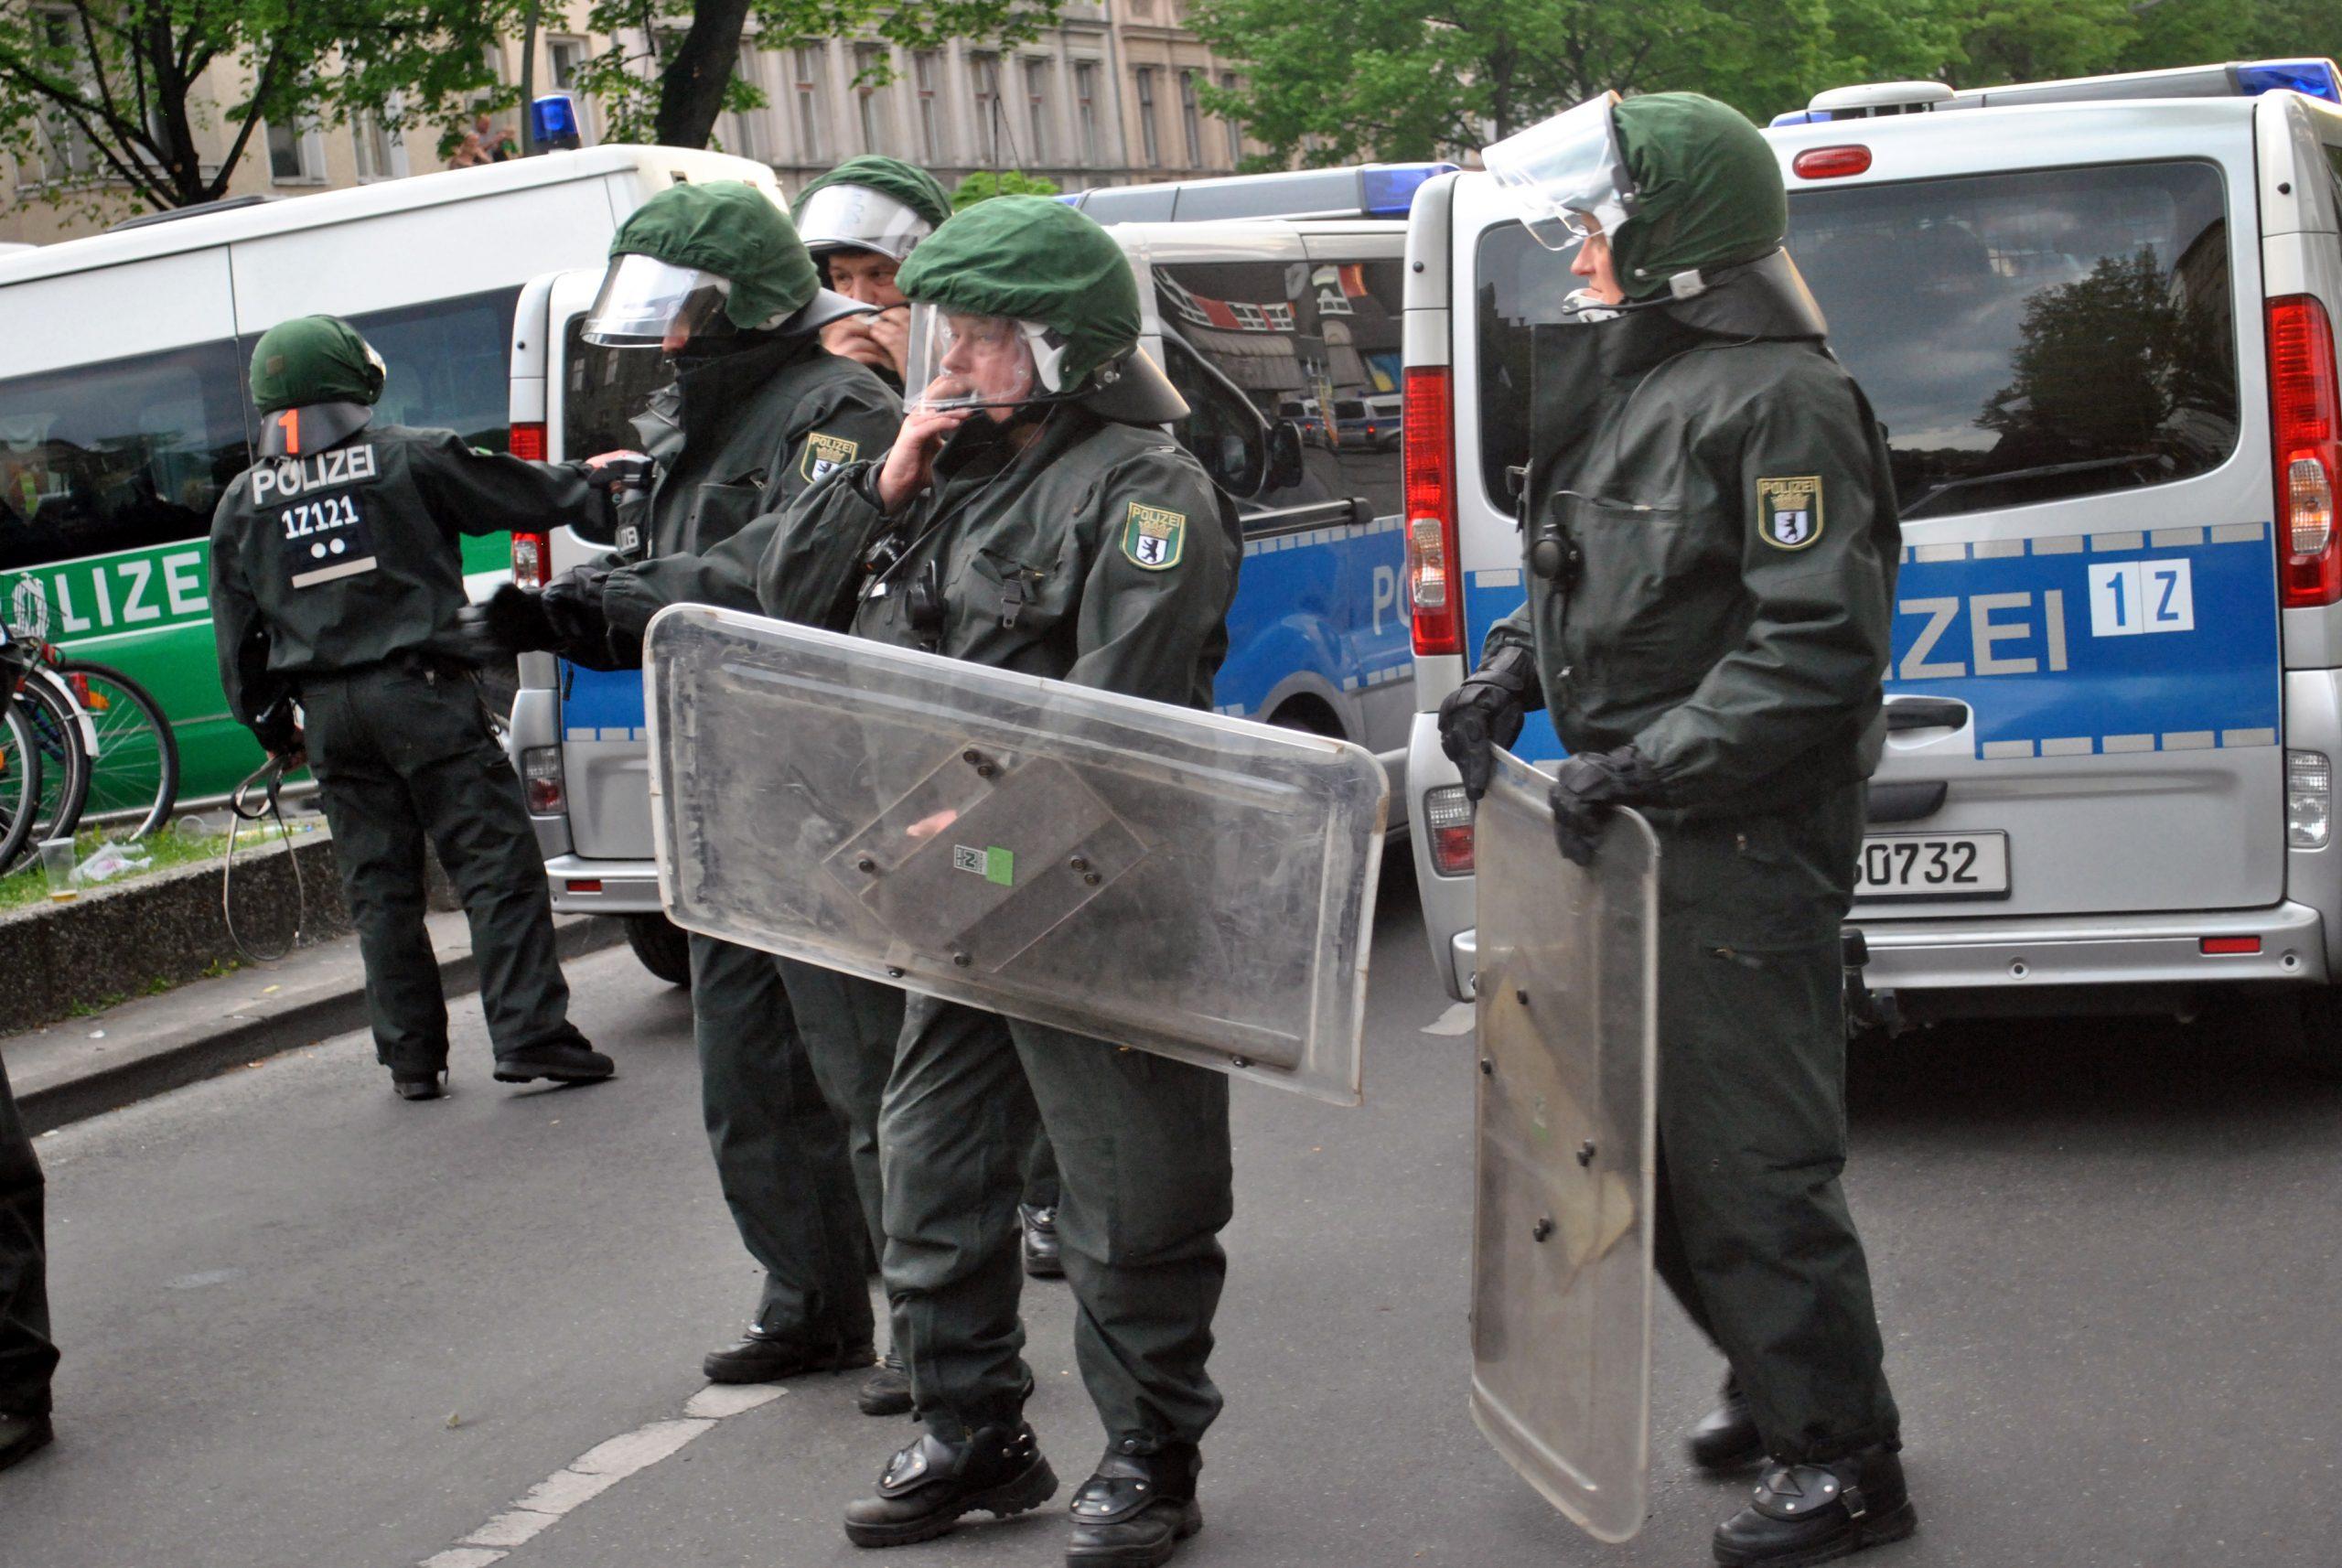 Mehrere Cops in noch grünem Einsatzanzug stehen mit Schilden auf der Straße.